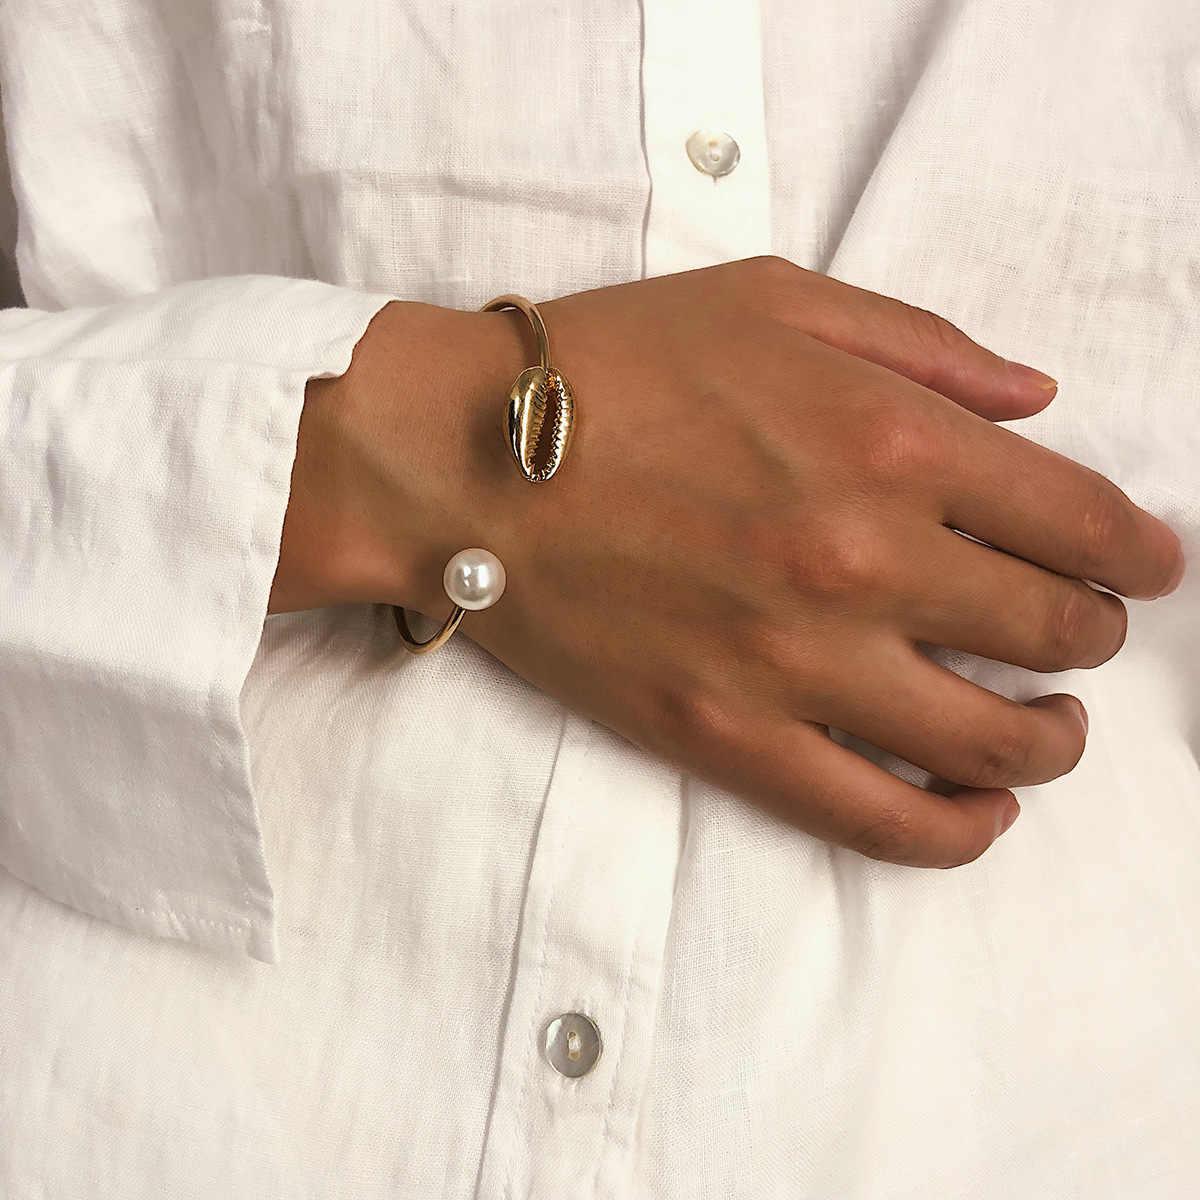 Moda abertura de color dorado Cowrie brazalete con concha pulseras para perlas de imitación de mujer brazalete de perlas